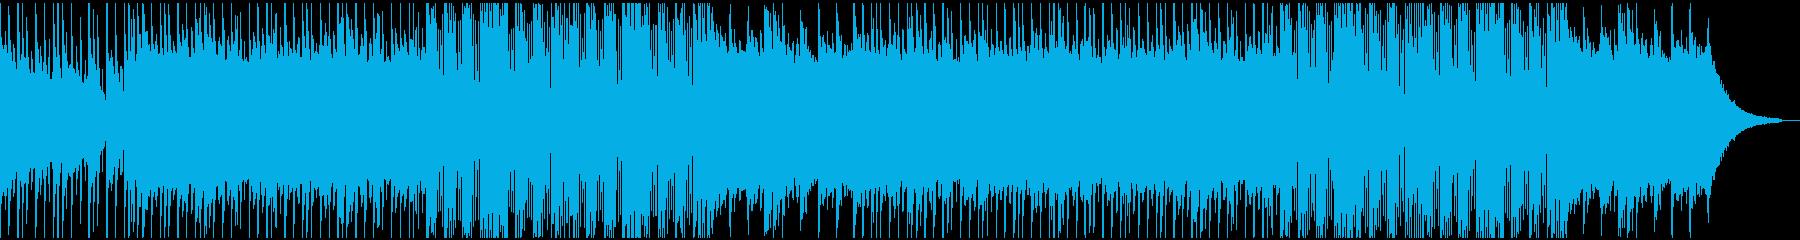 Hip Hop Beatの再生済みの波形